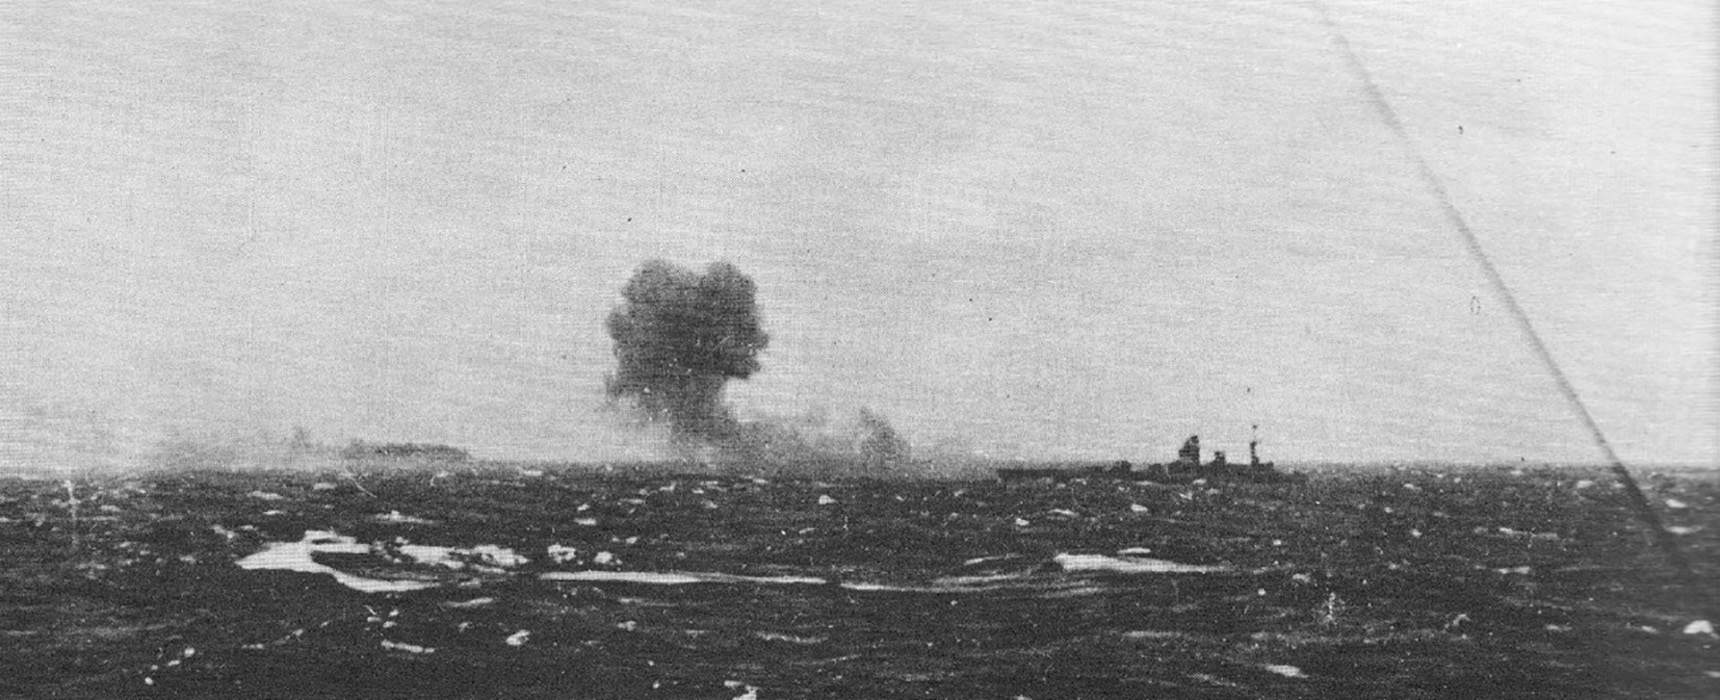 HMS Rodney fires on Bismarck, 1941